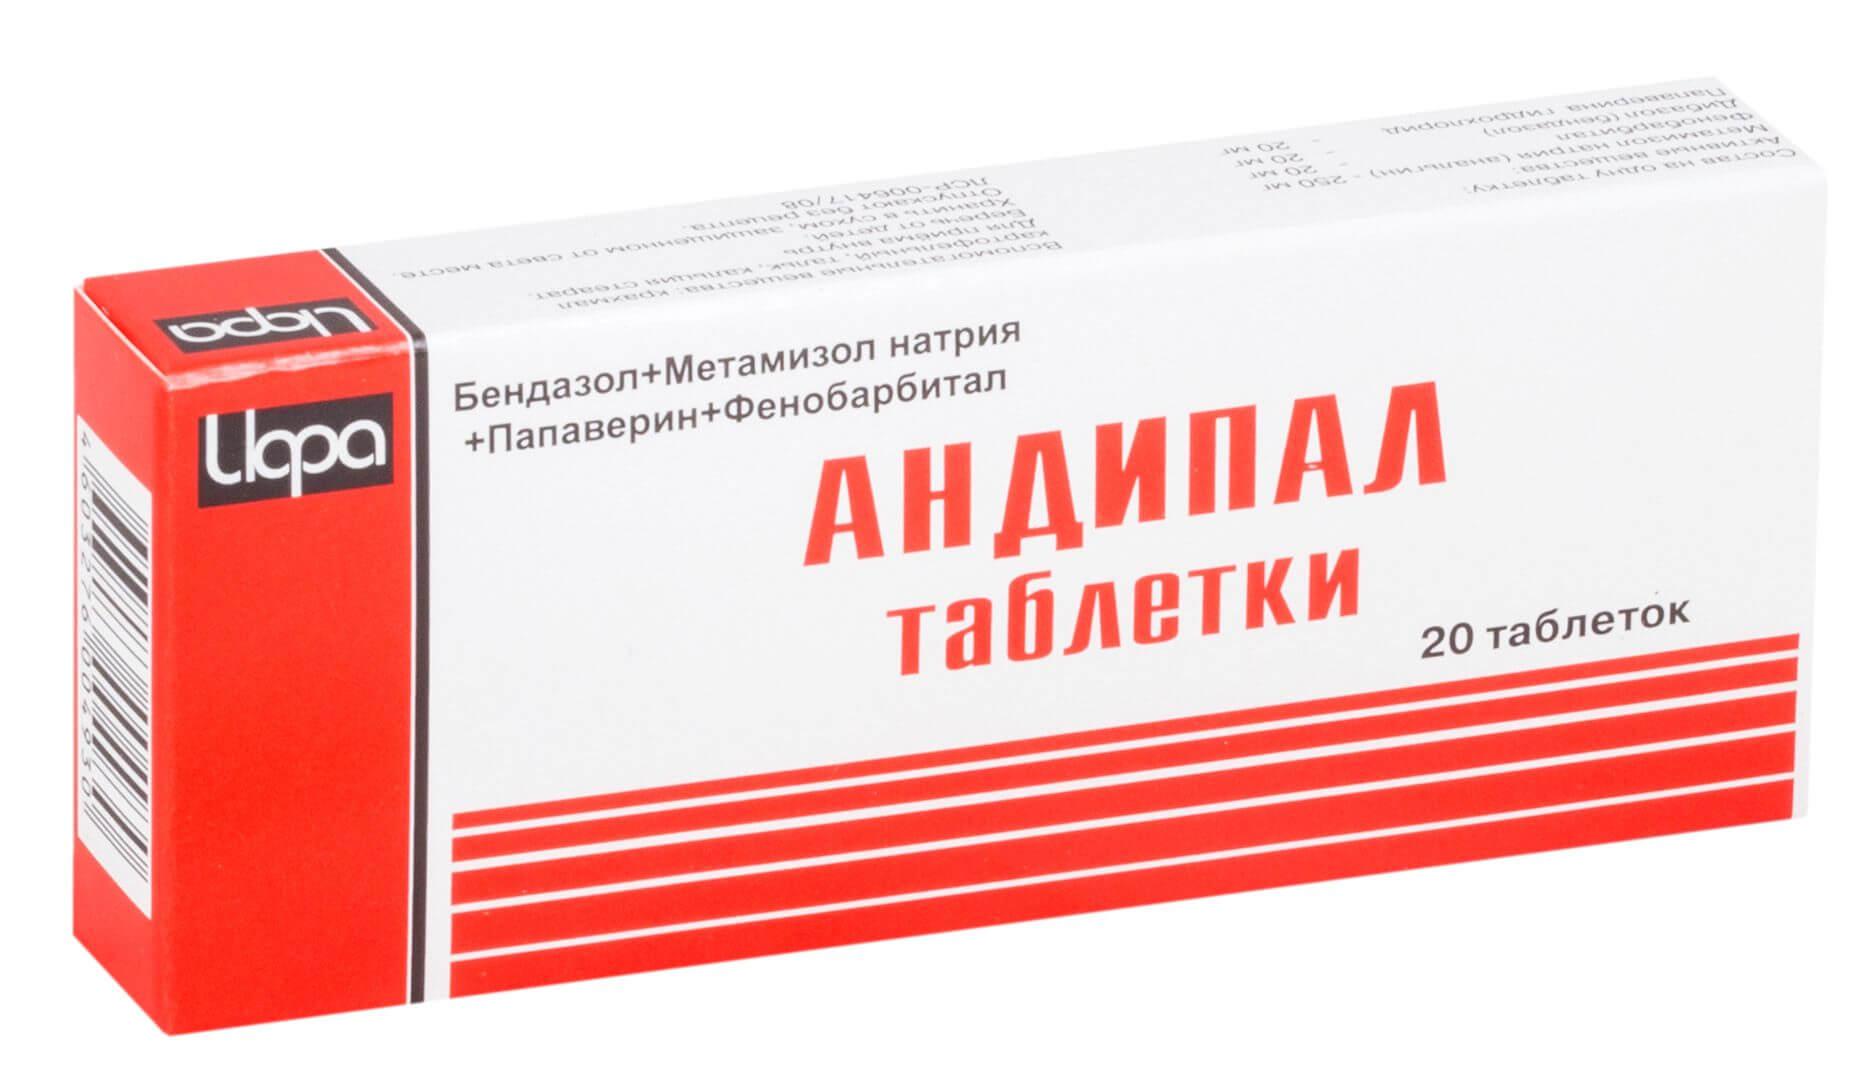 Андипал: инструкция по применению таблеток